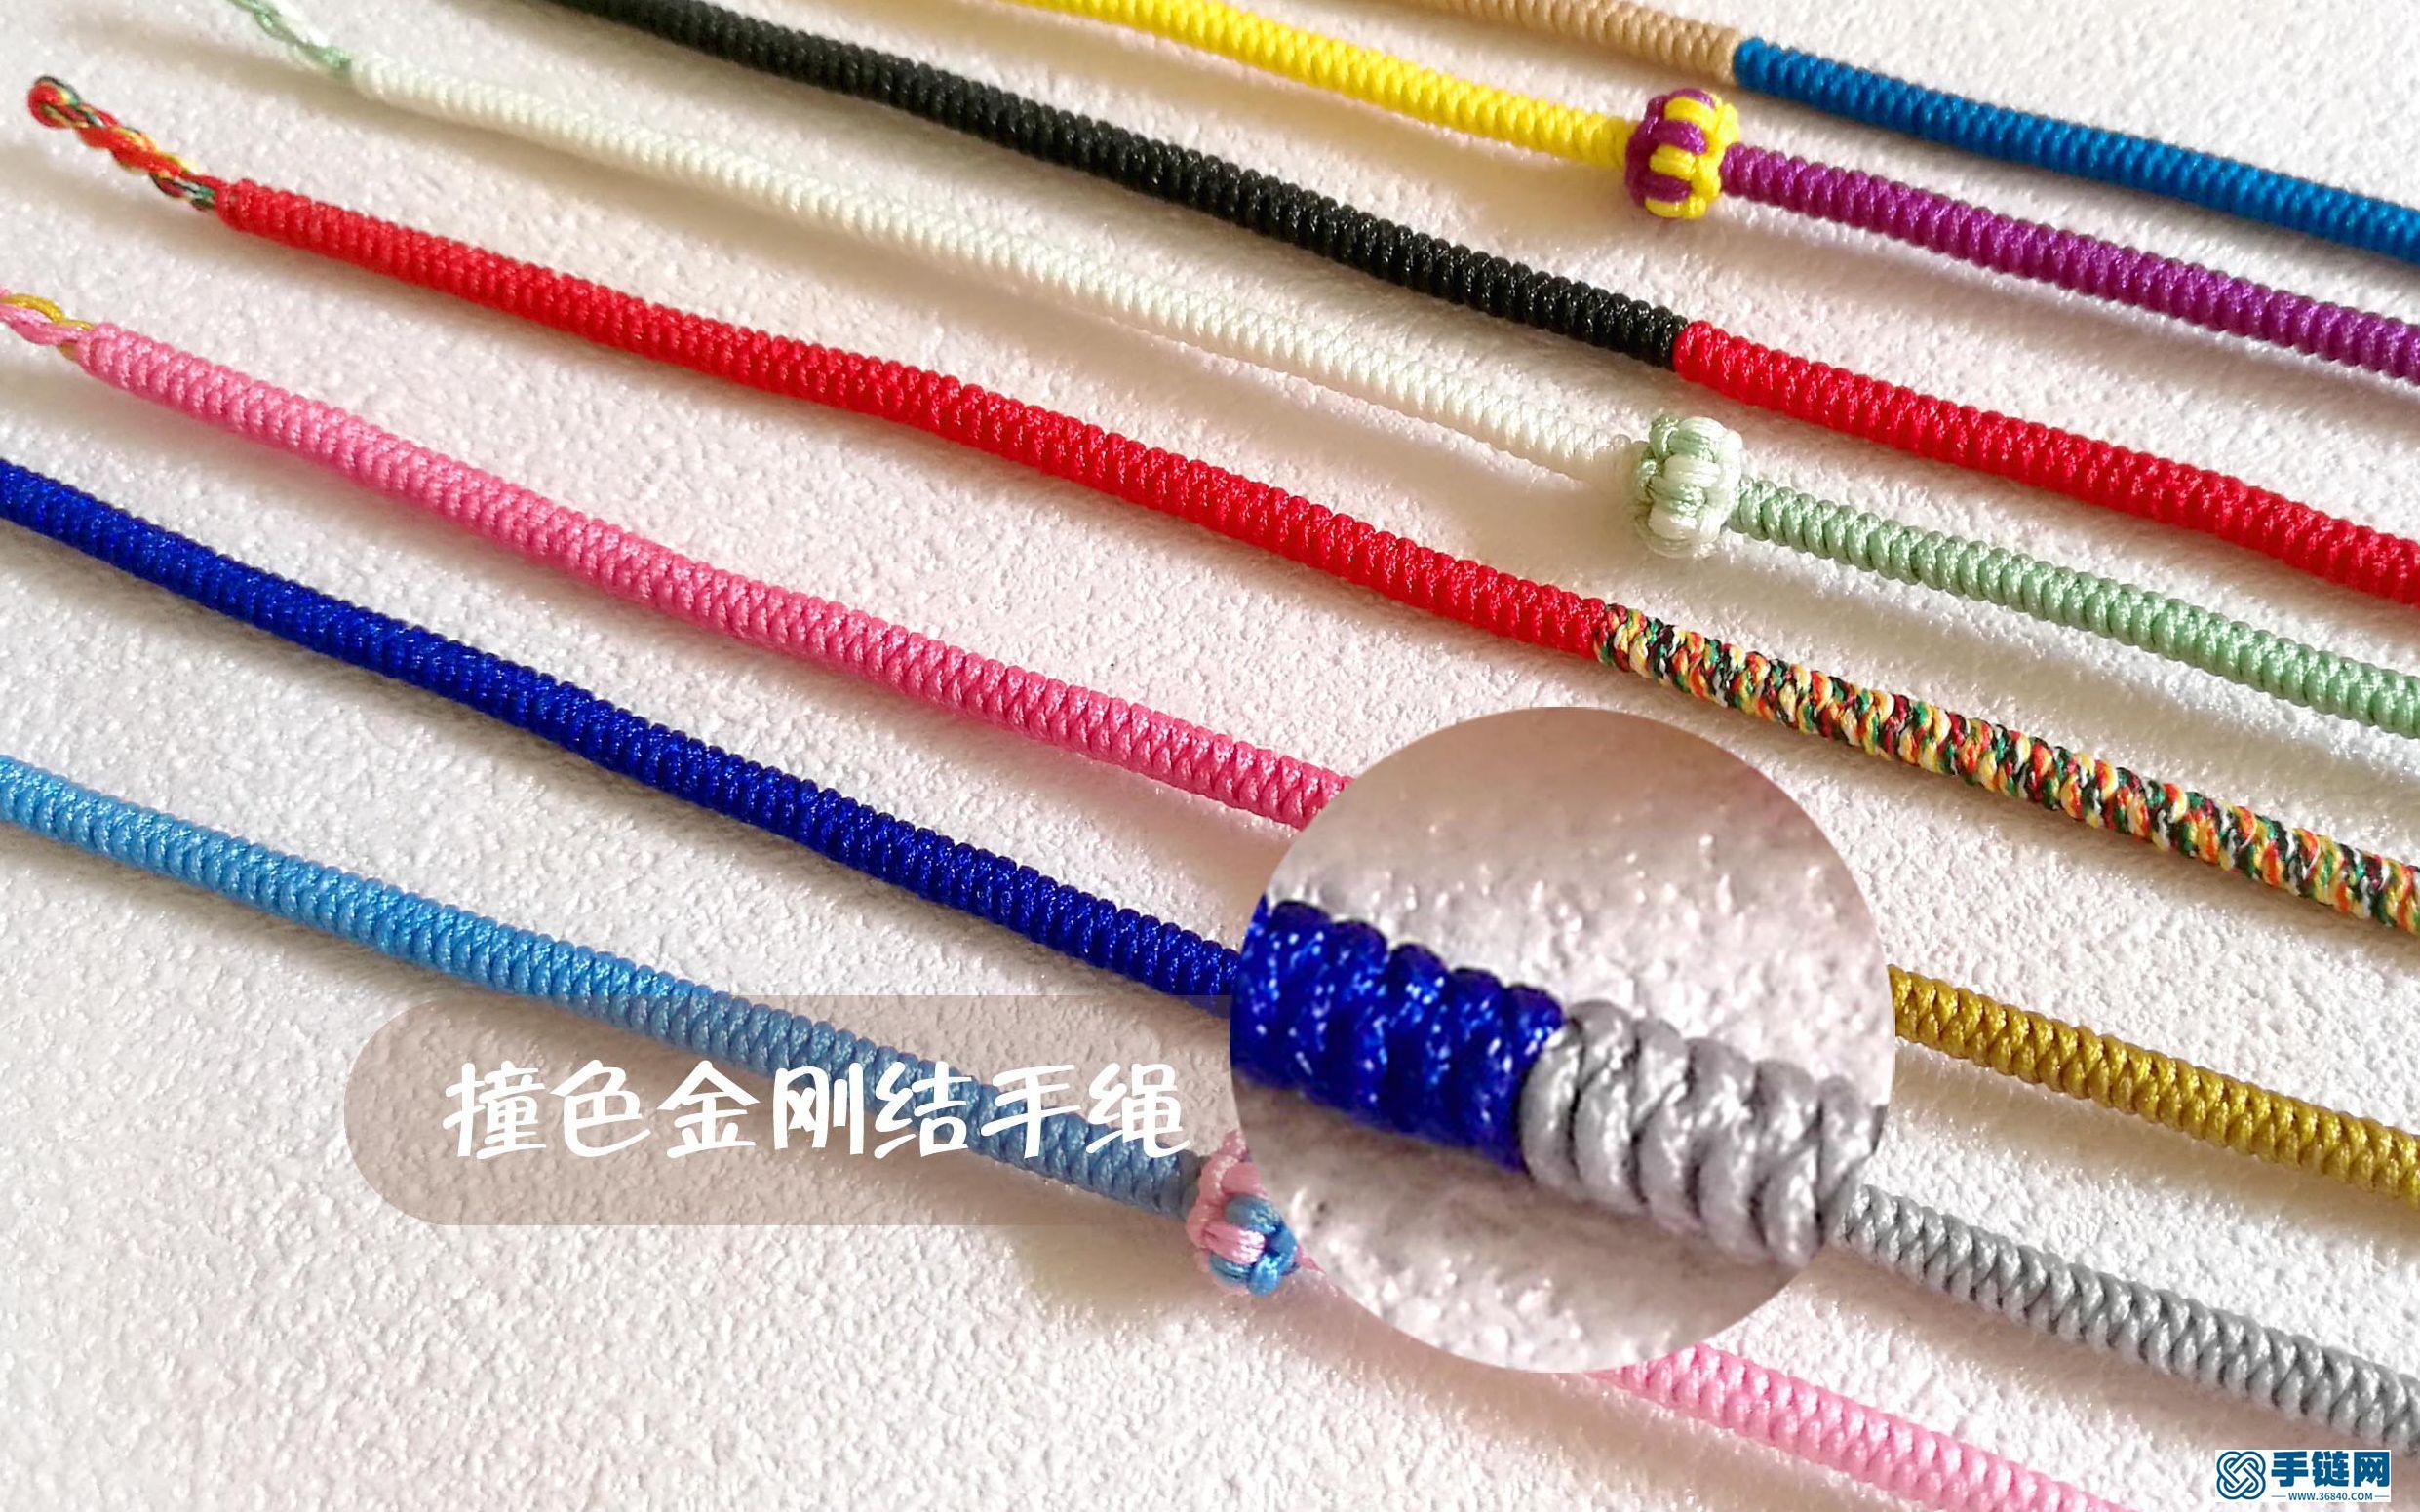 一首歌曲的时间学习一种编绳 新手上手十件套之撞色金刚结手绳教程(五)